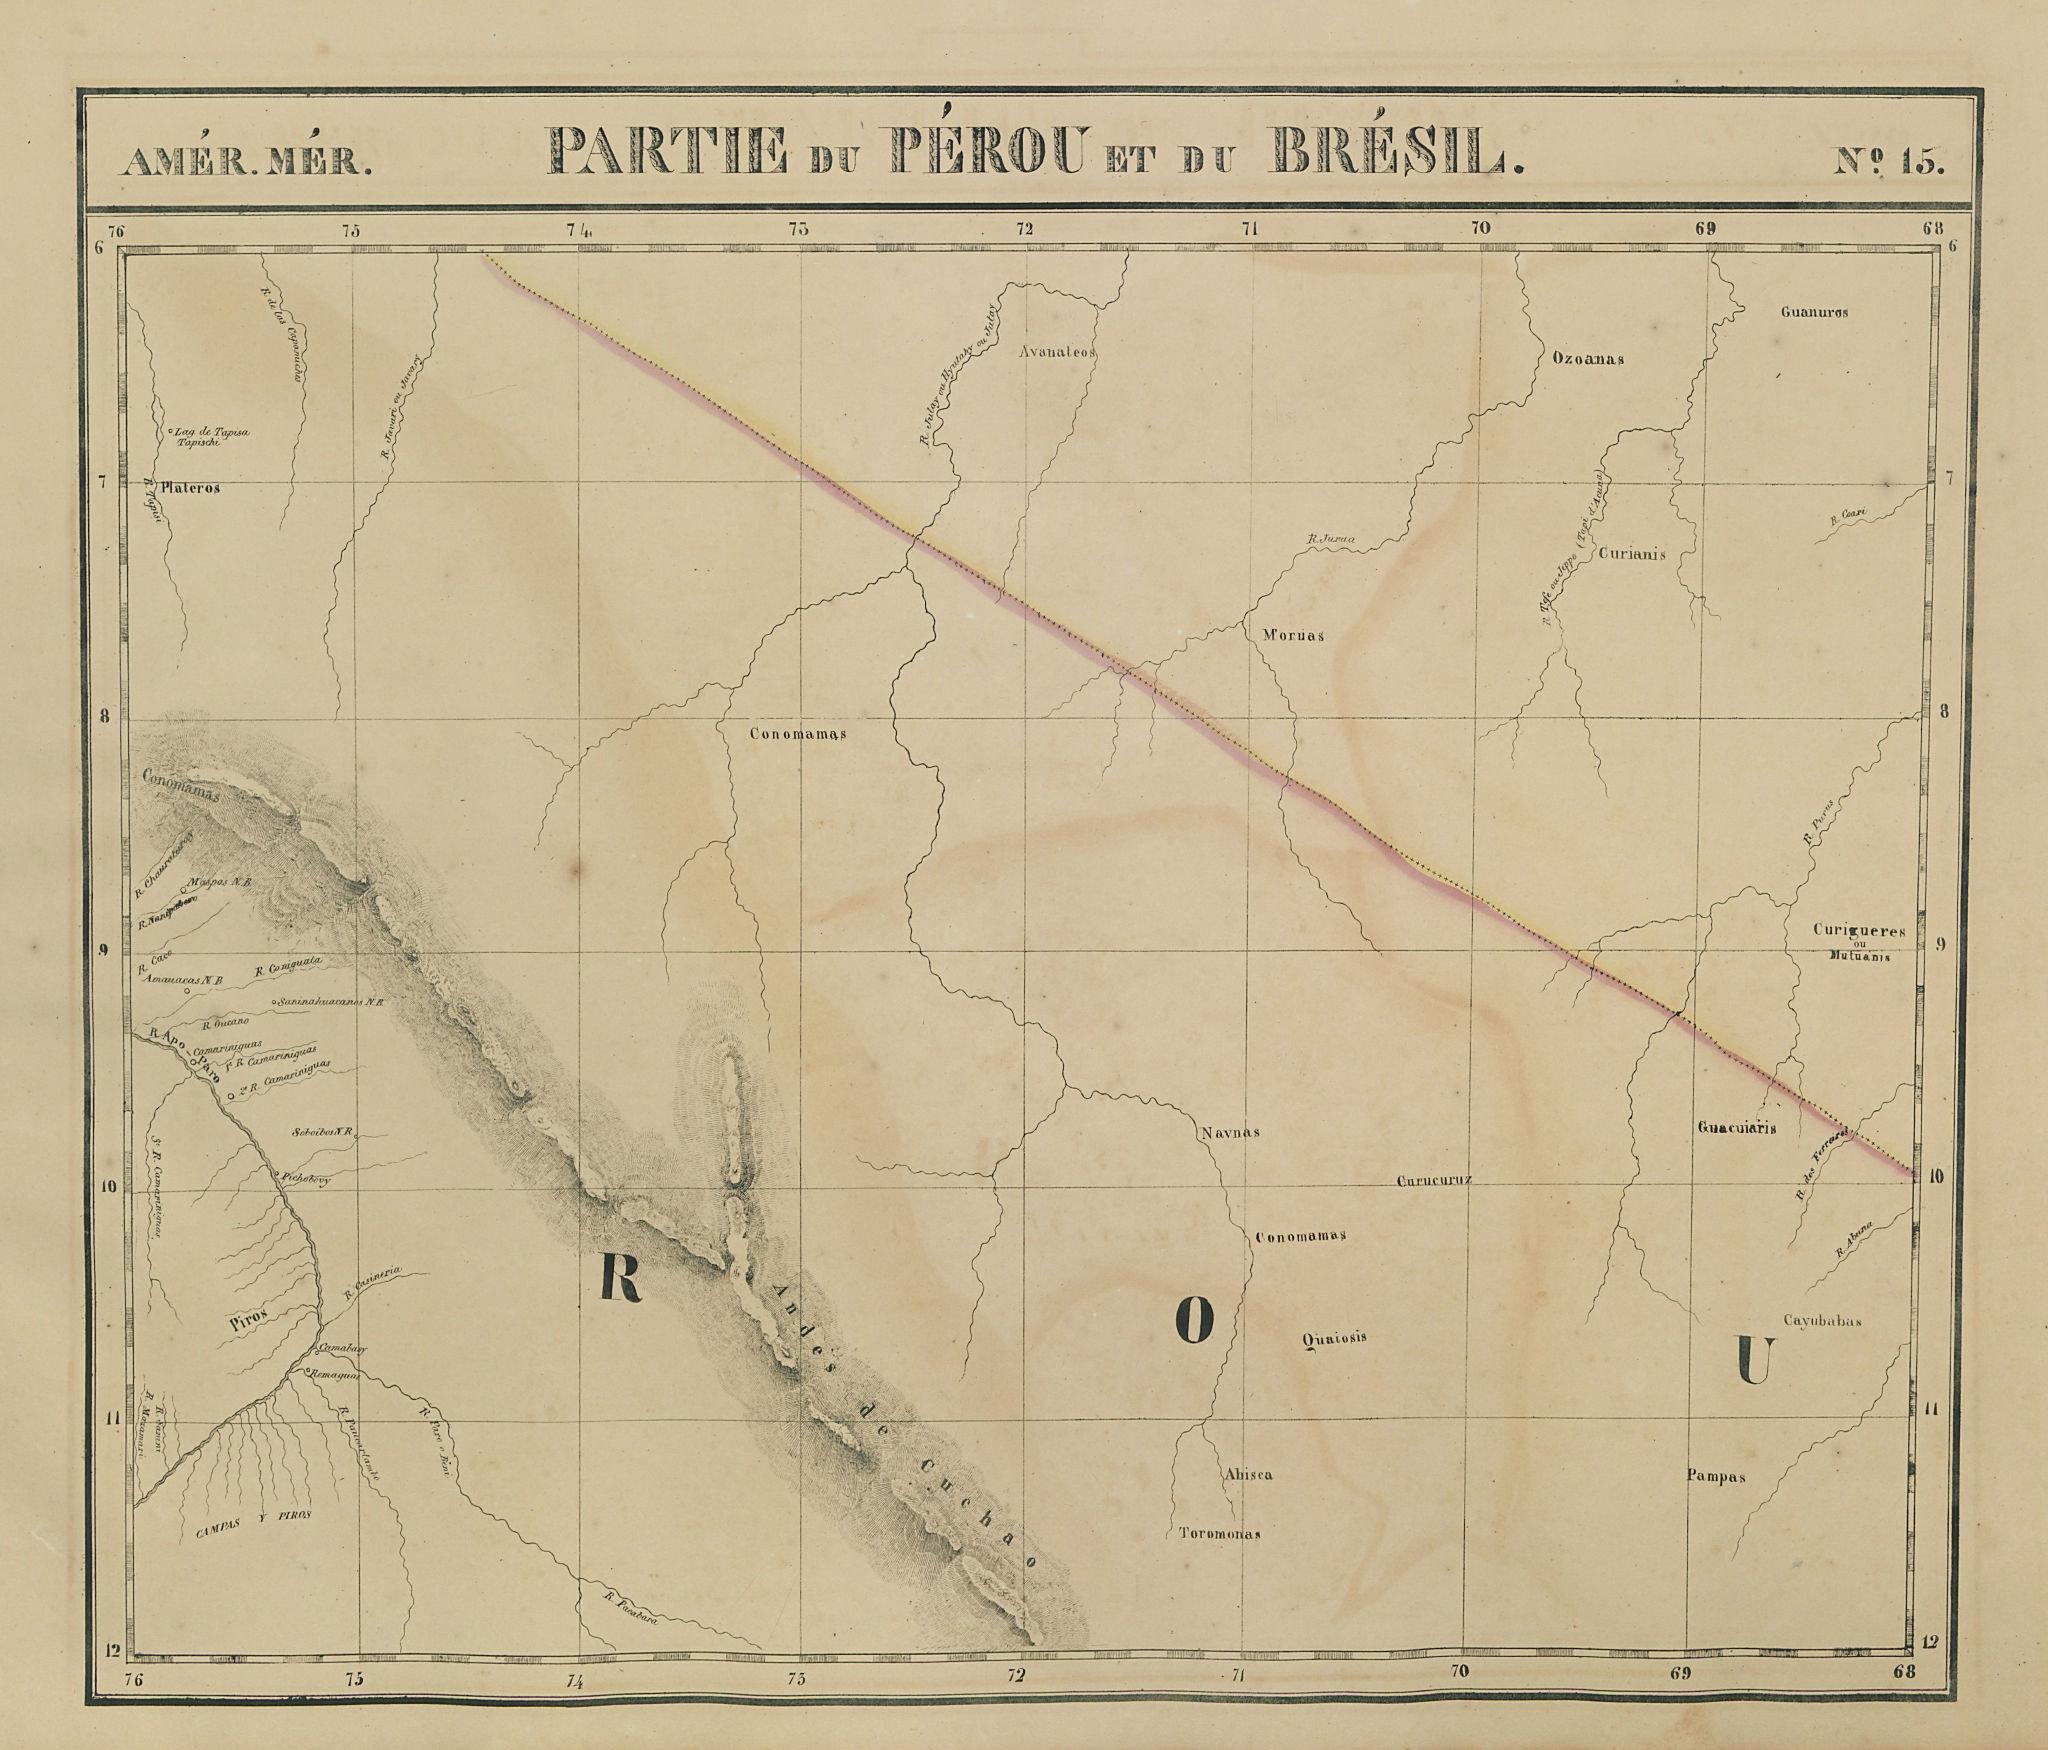 Amér. Mér. Pérou & Brésil #15. Peru Bolivia. Brazil AC AM. VANDERMAELEN 1827 map